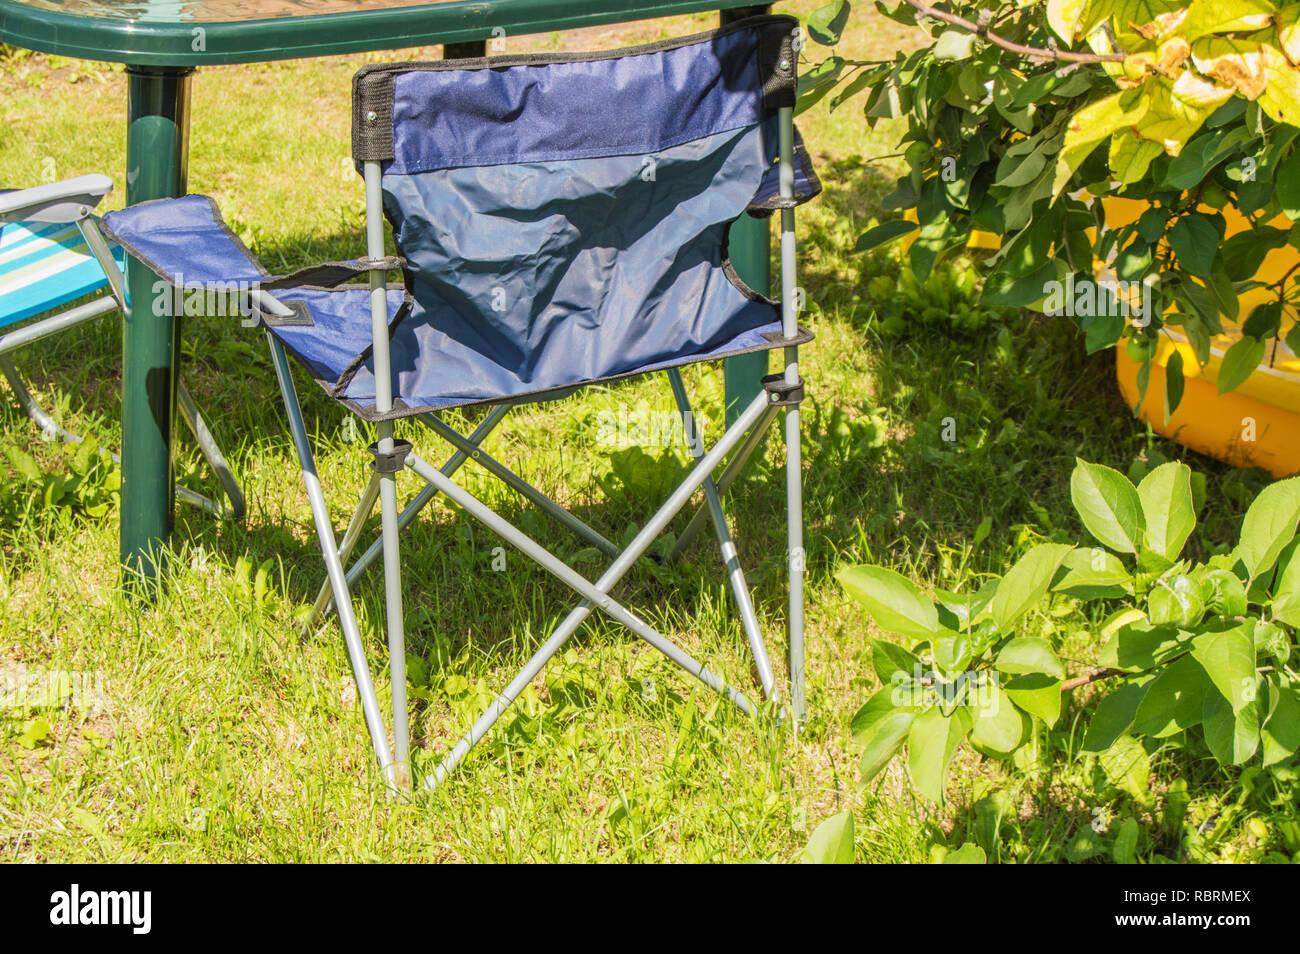 Et Table Camping Pour Chaises Le En Pliante De Pliantes Plastique 7bgyYf6